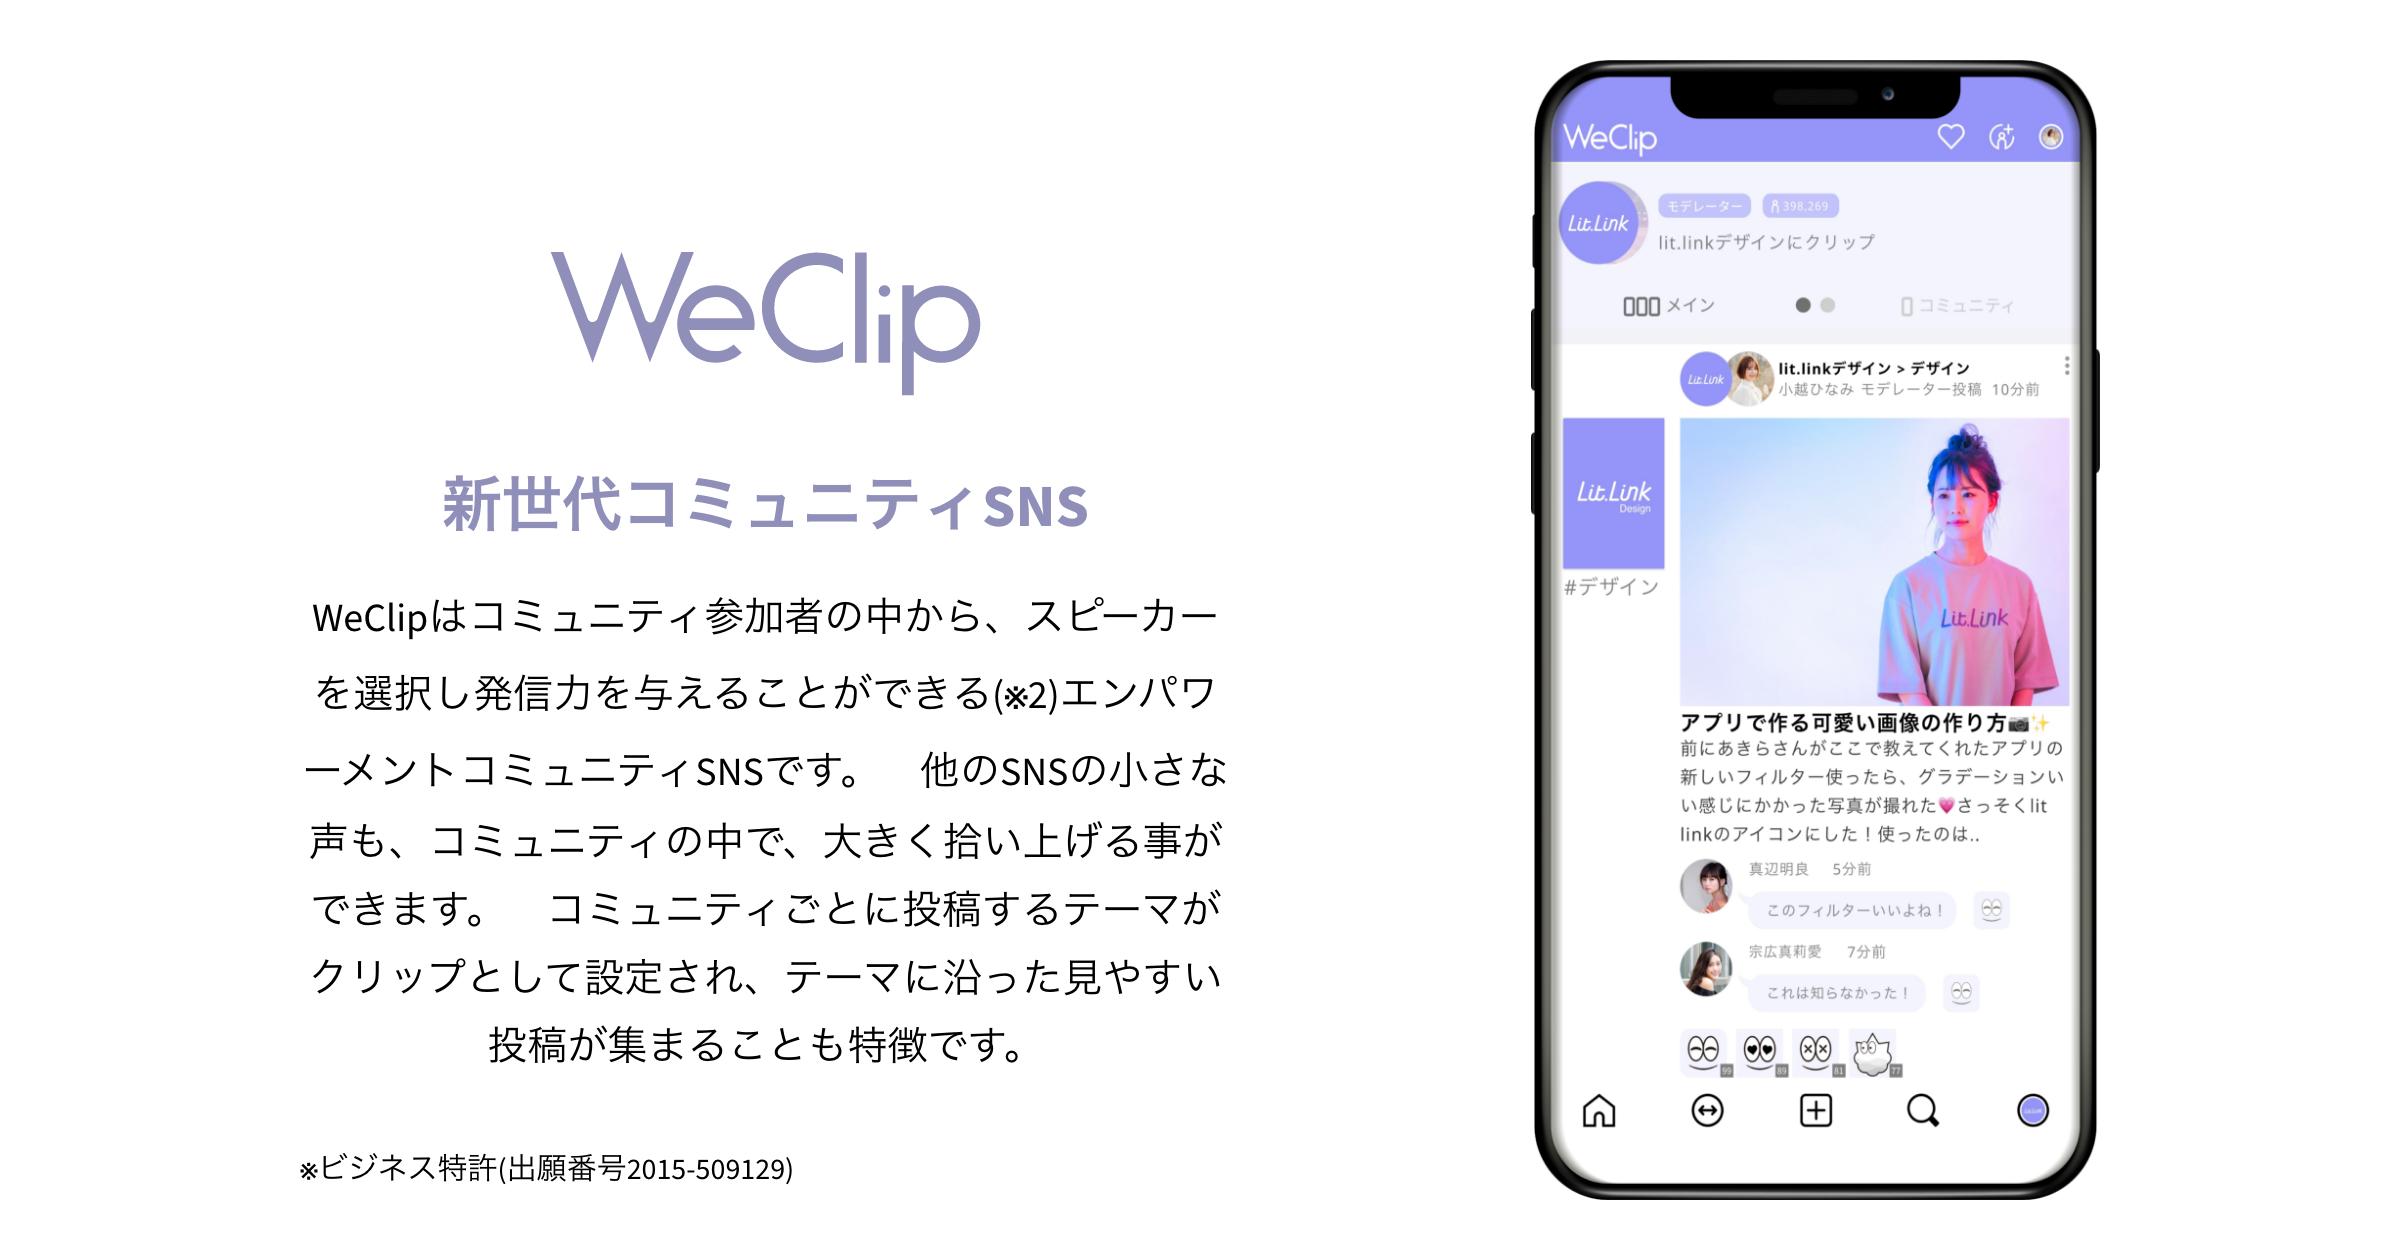 WeClip